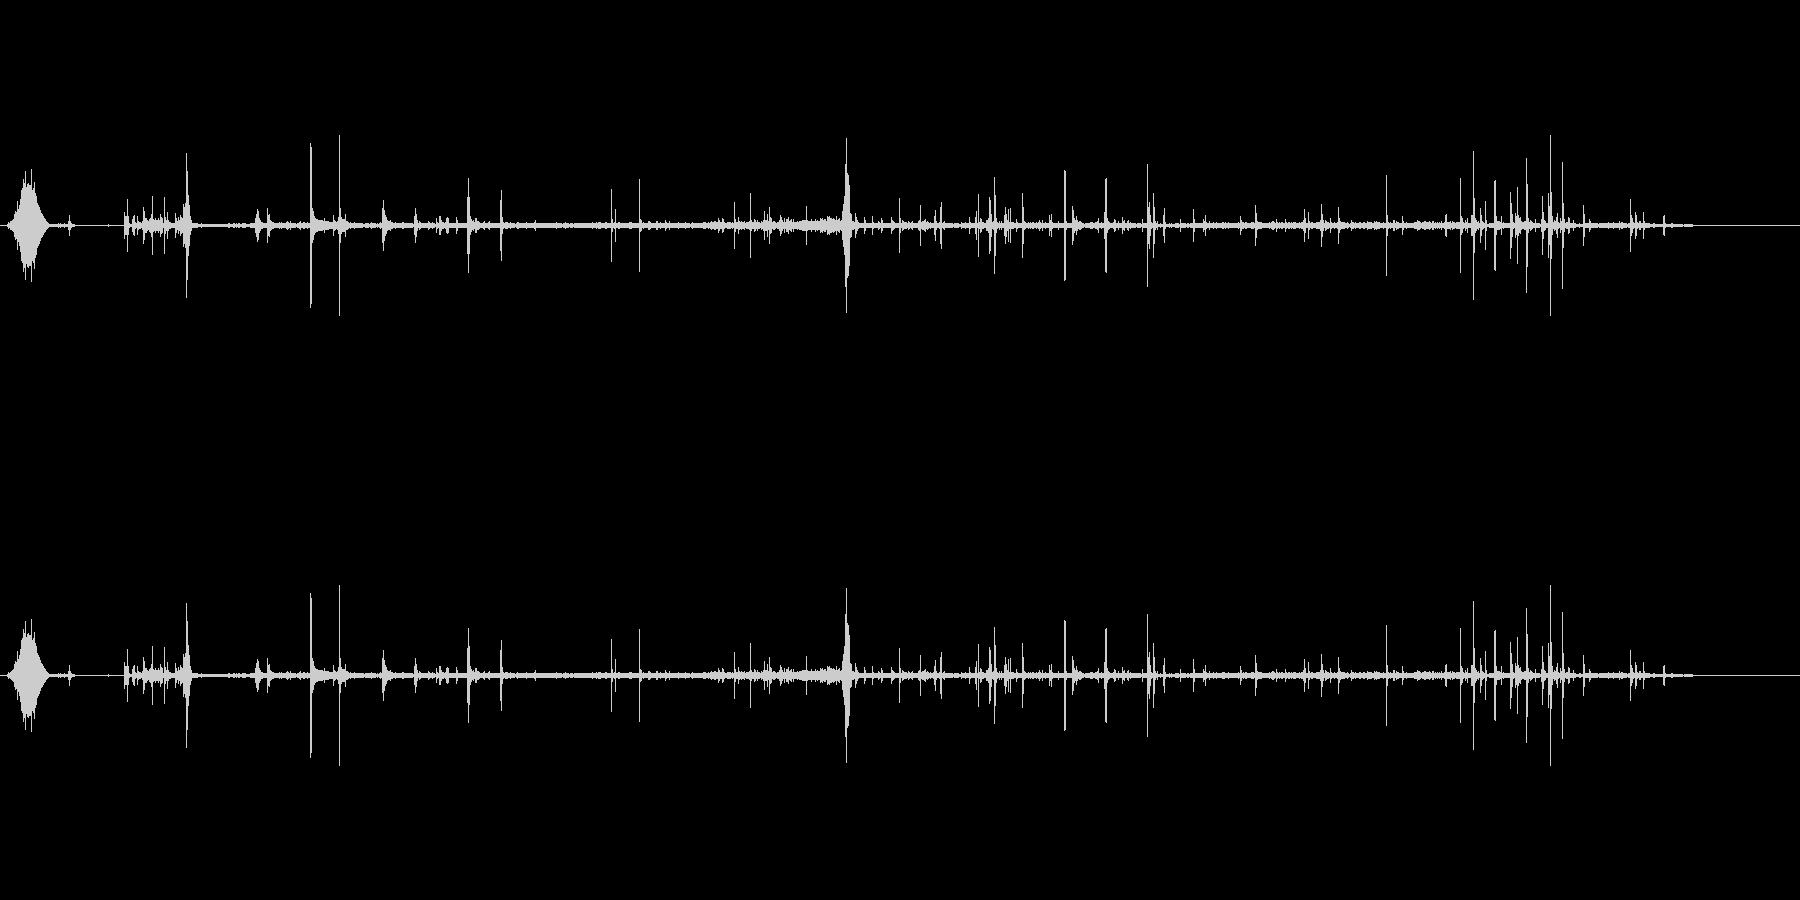 炭酸水を飲む音の未再生の波形